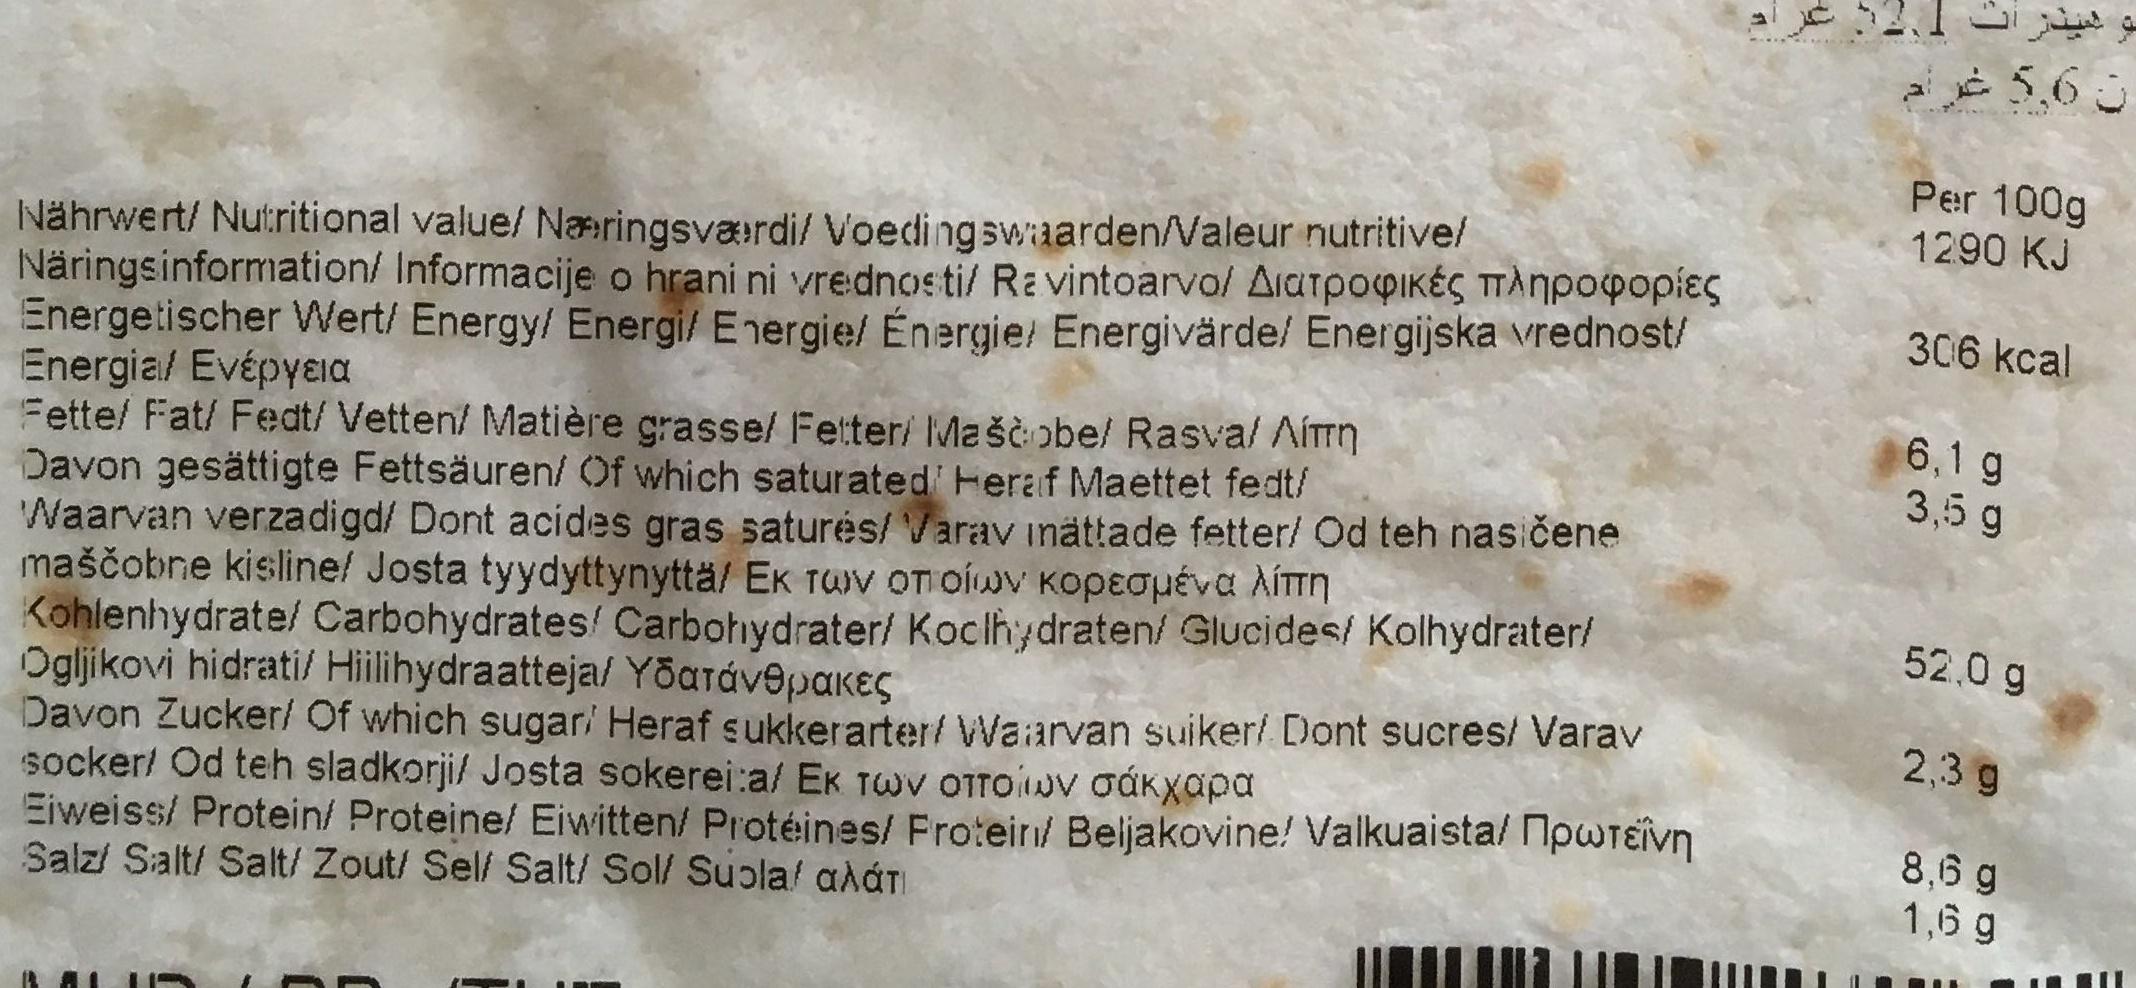 Durum Wraps - Informations nutritionnelles